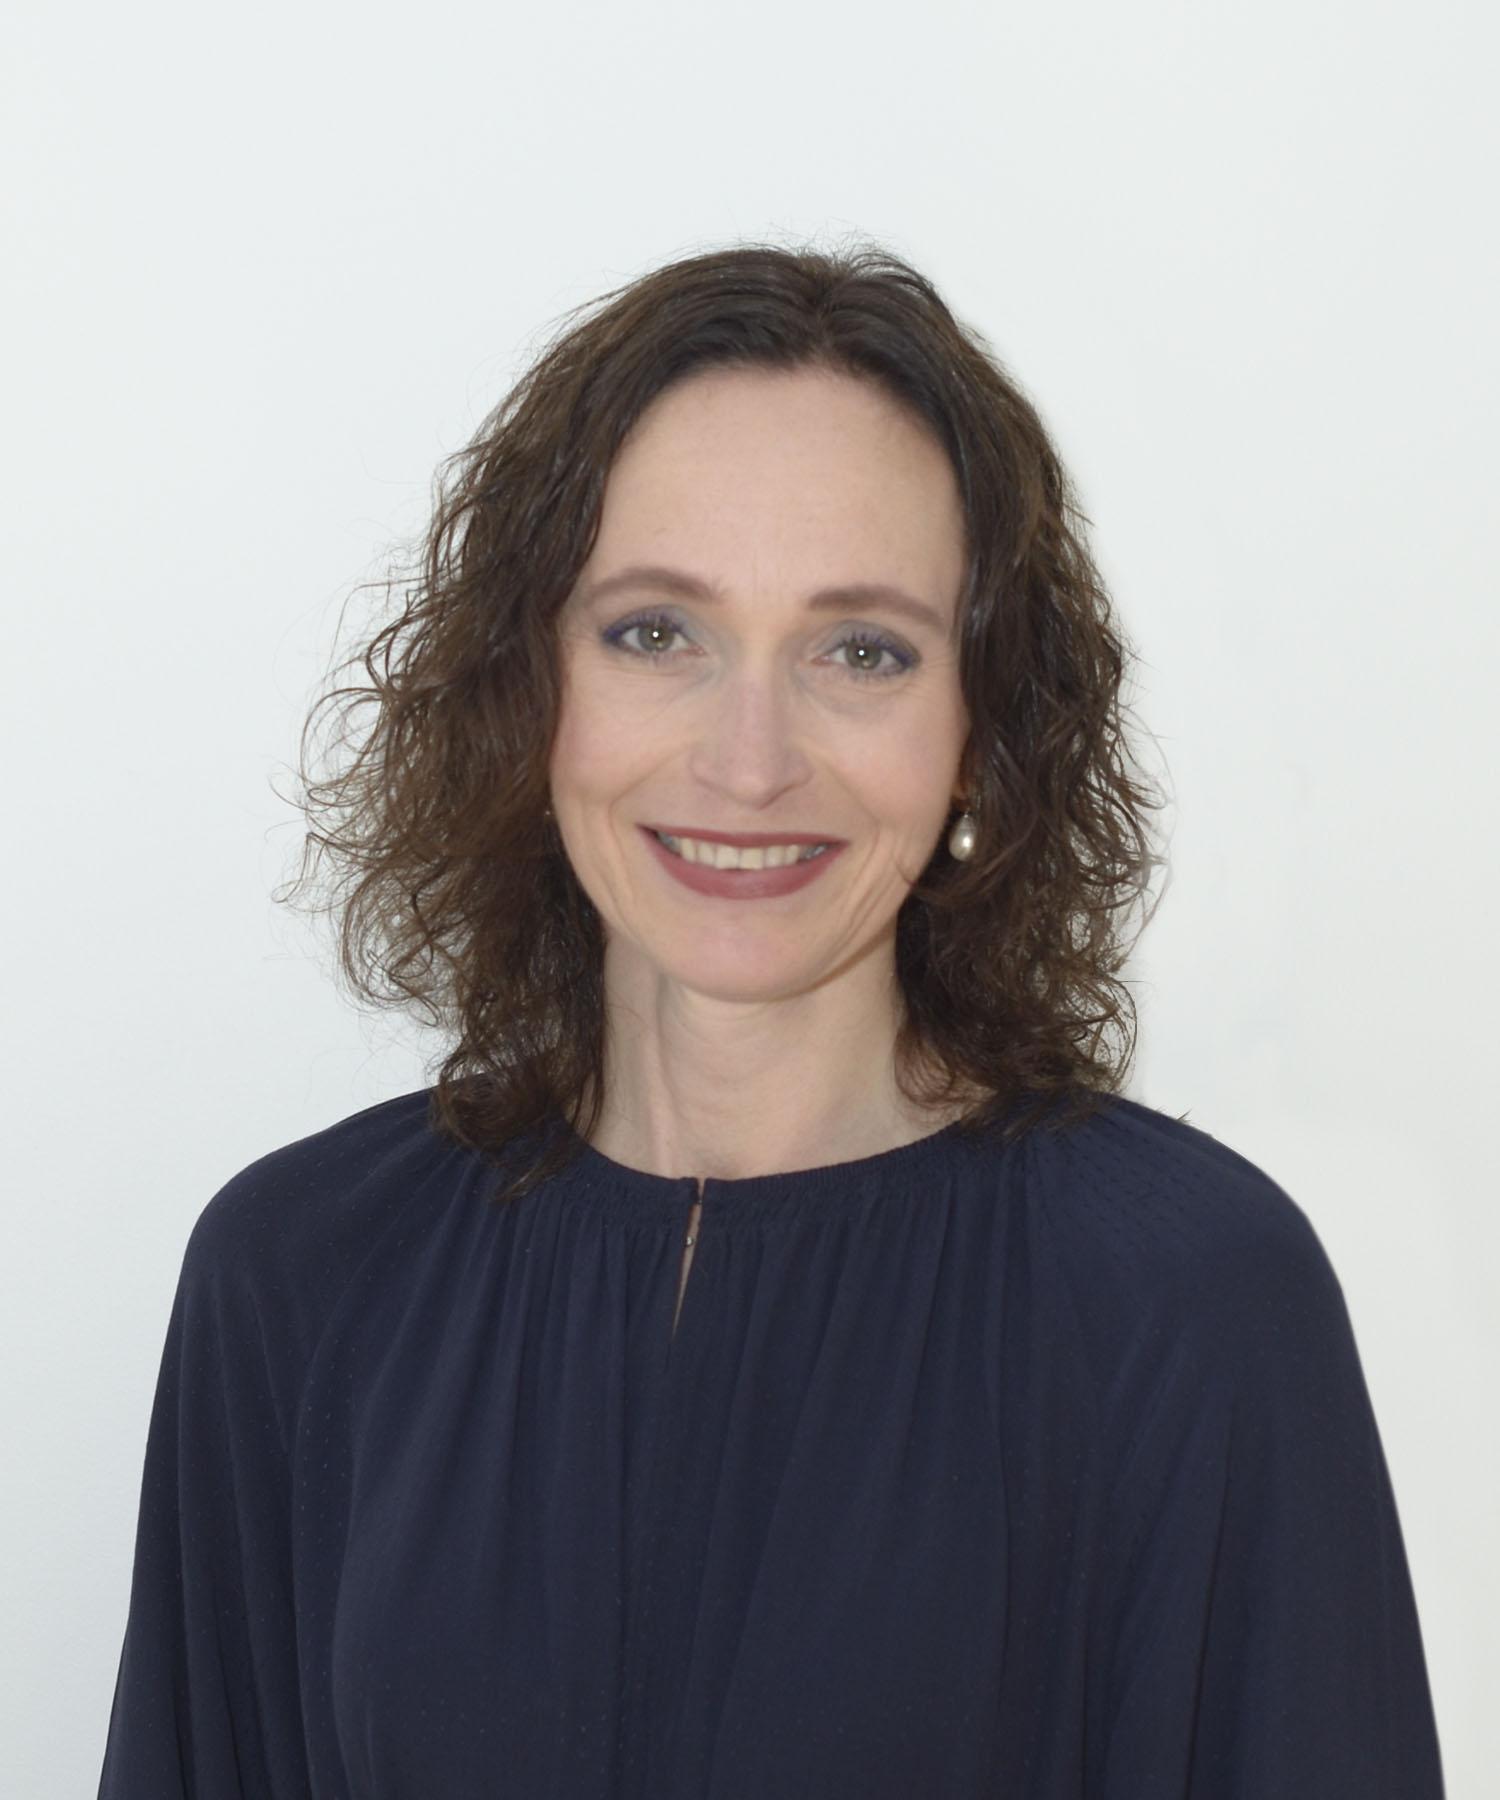 Katrin Kaljula